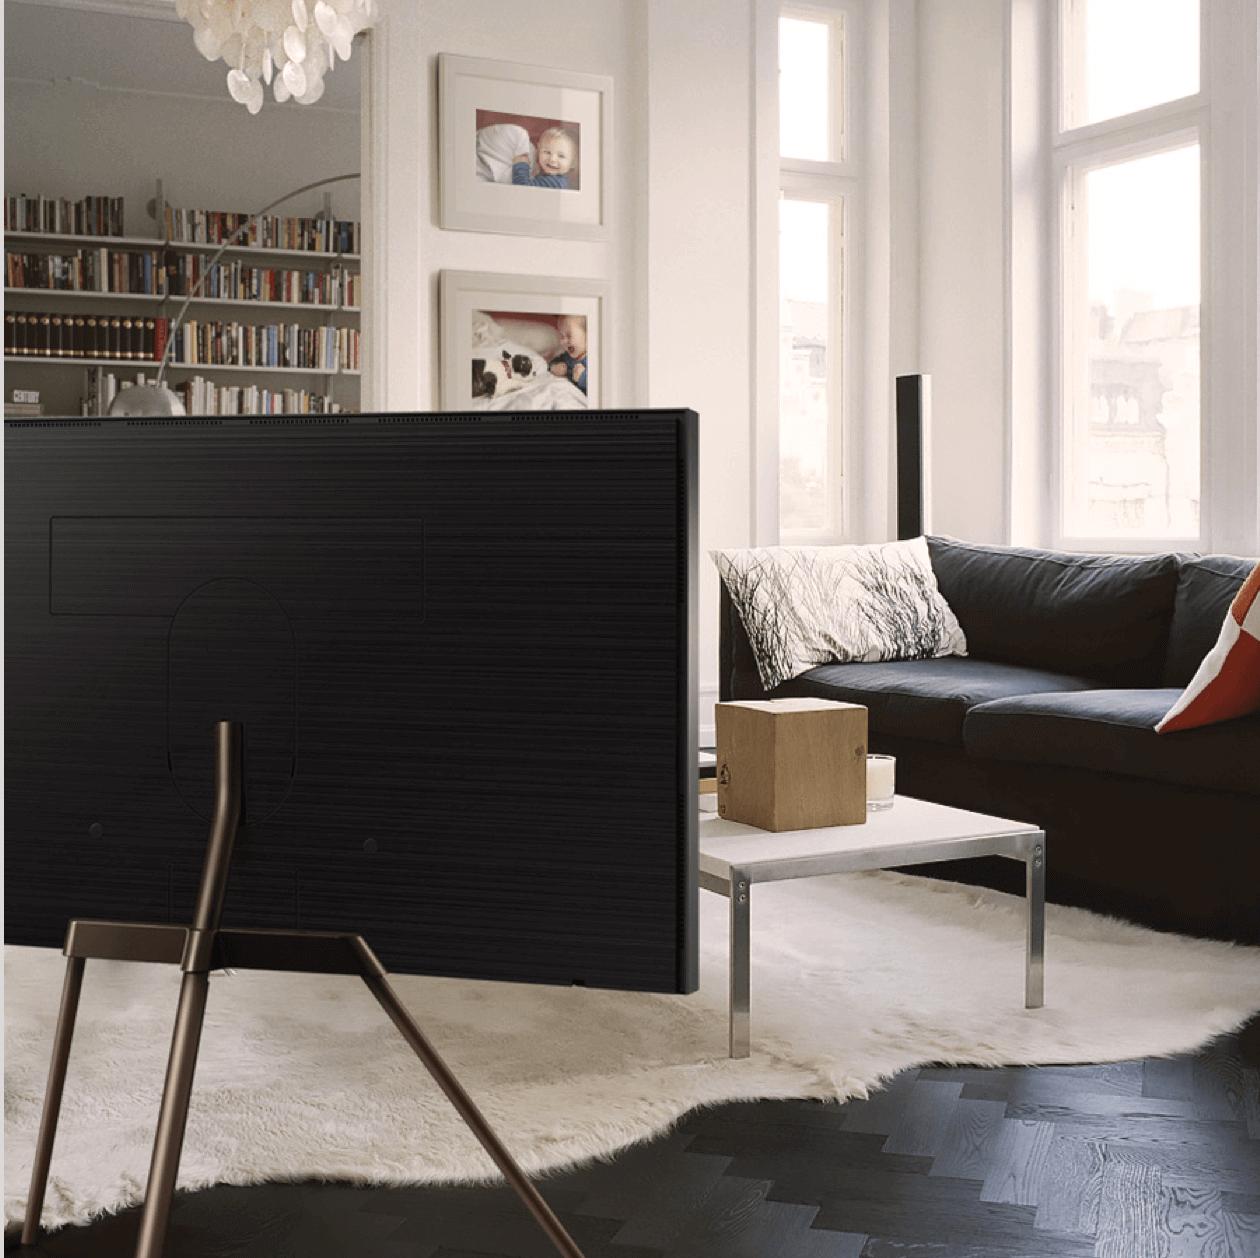 samsung the frame tv domayne. Black Bedroom Furniture Sets. Home Design Ideas